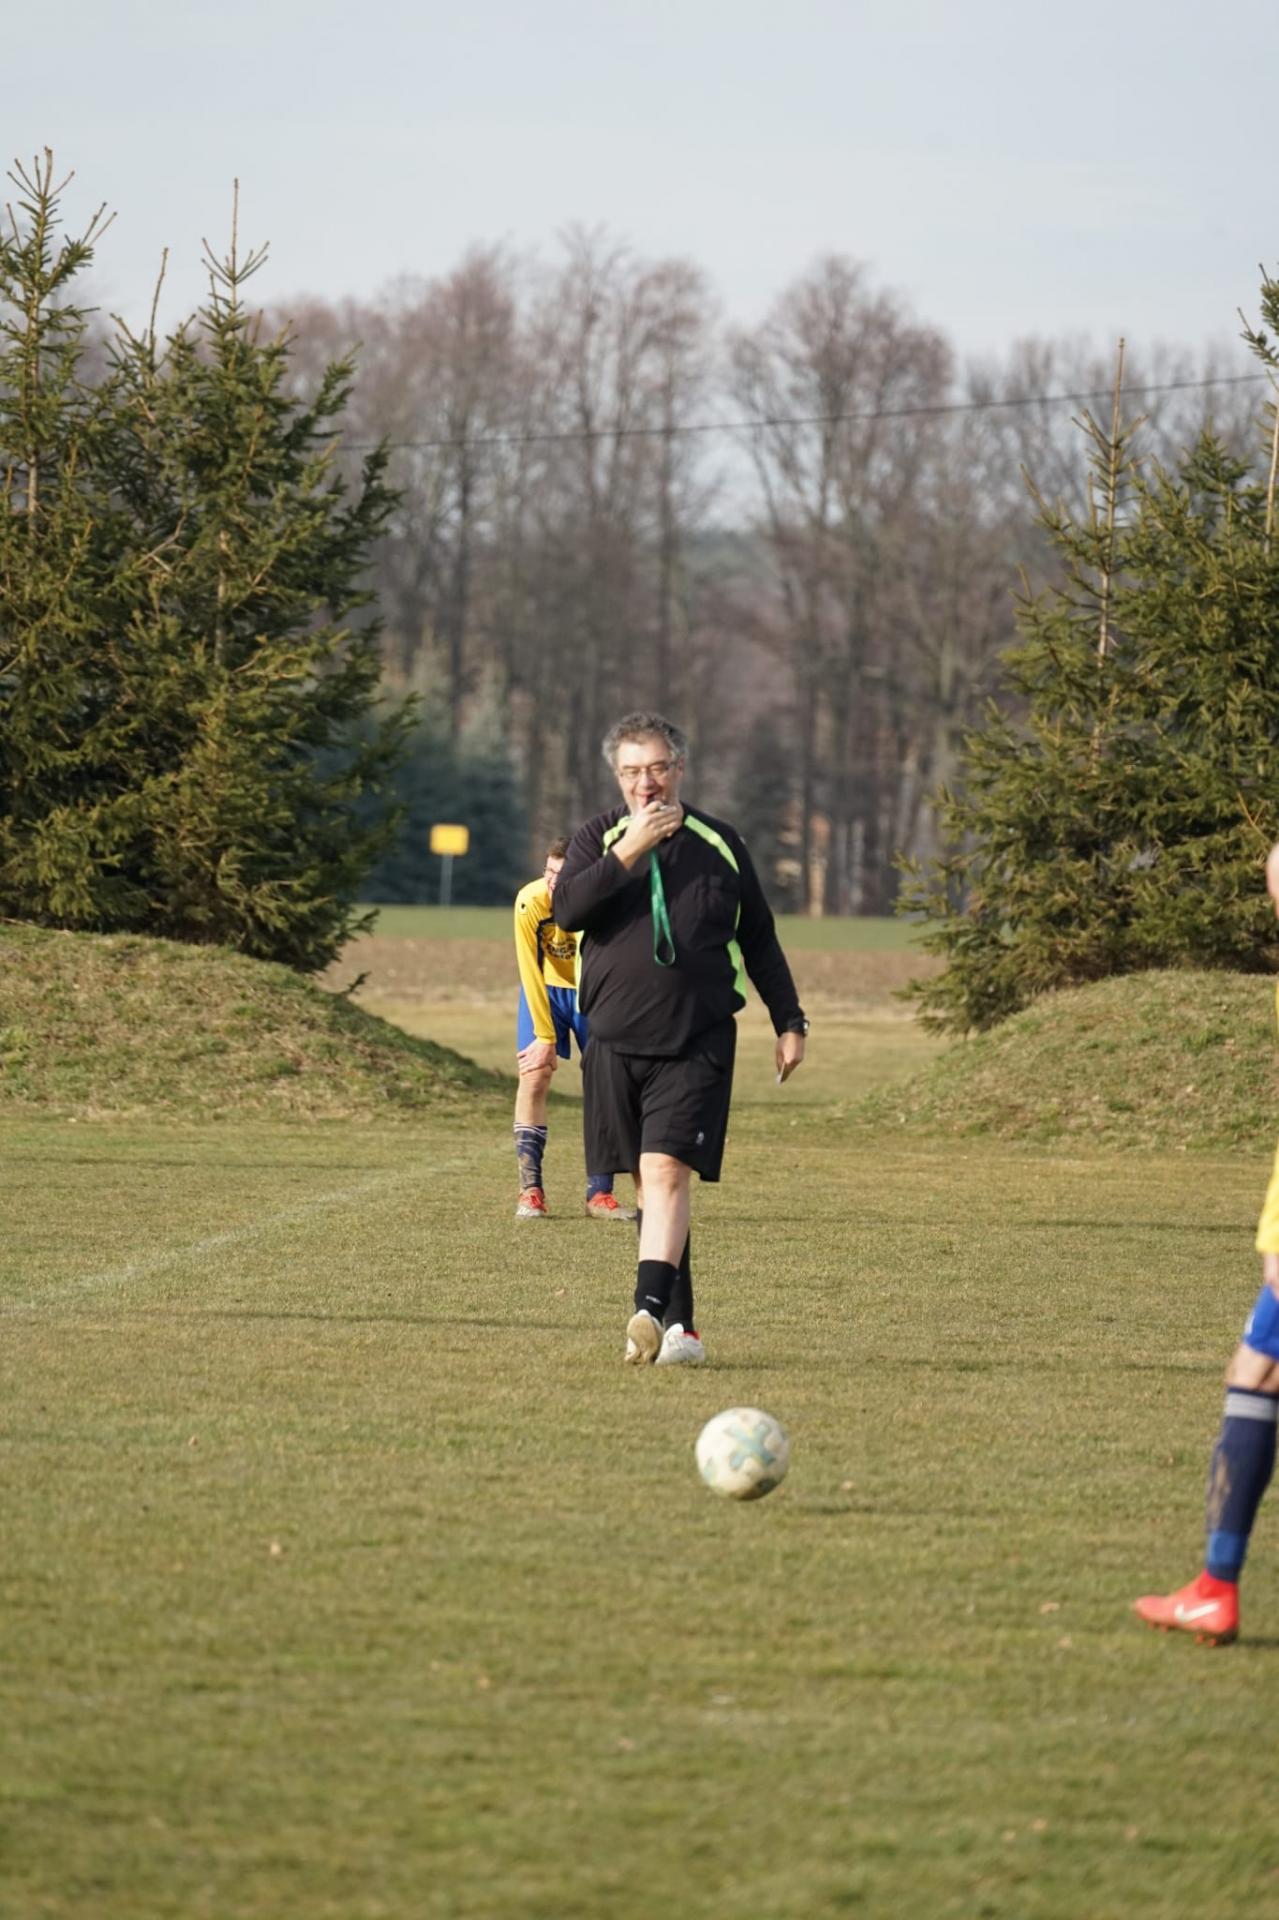 Vorschaubild der Meldung: Vorbereitsungsspiel Männer: SpG Gersdorf/ LSV Friedersdorf - SpG Bernstadt/Dittersbach/ Ostritz 3:1